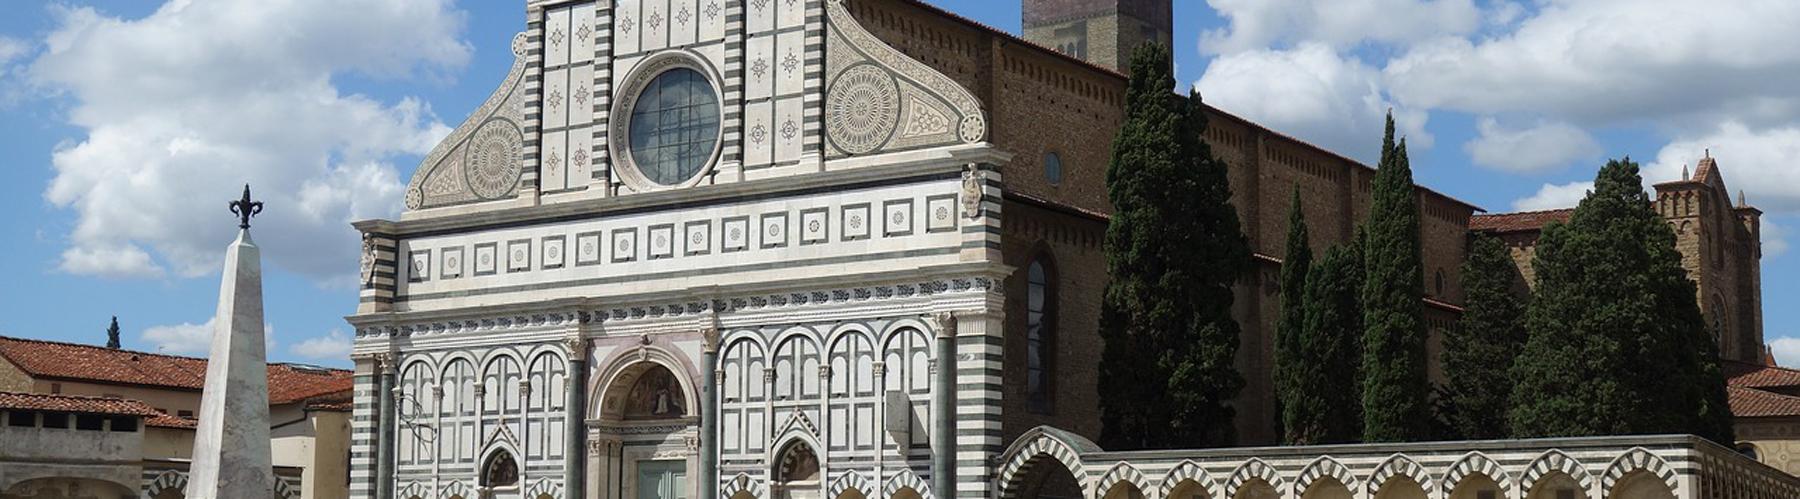 피렌체 - Santa Maria Novella에 가까운 호텔. 피렌체의 지도, 피렌체에 위치한 호텔에 대한 사진 및 리뷰.